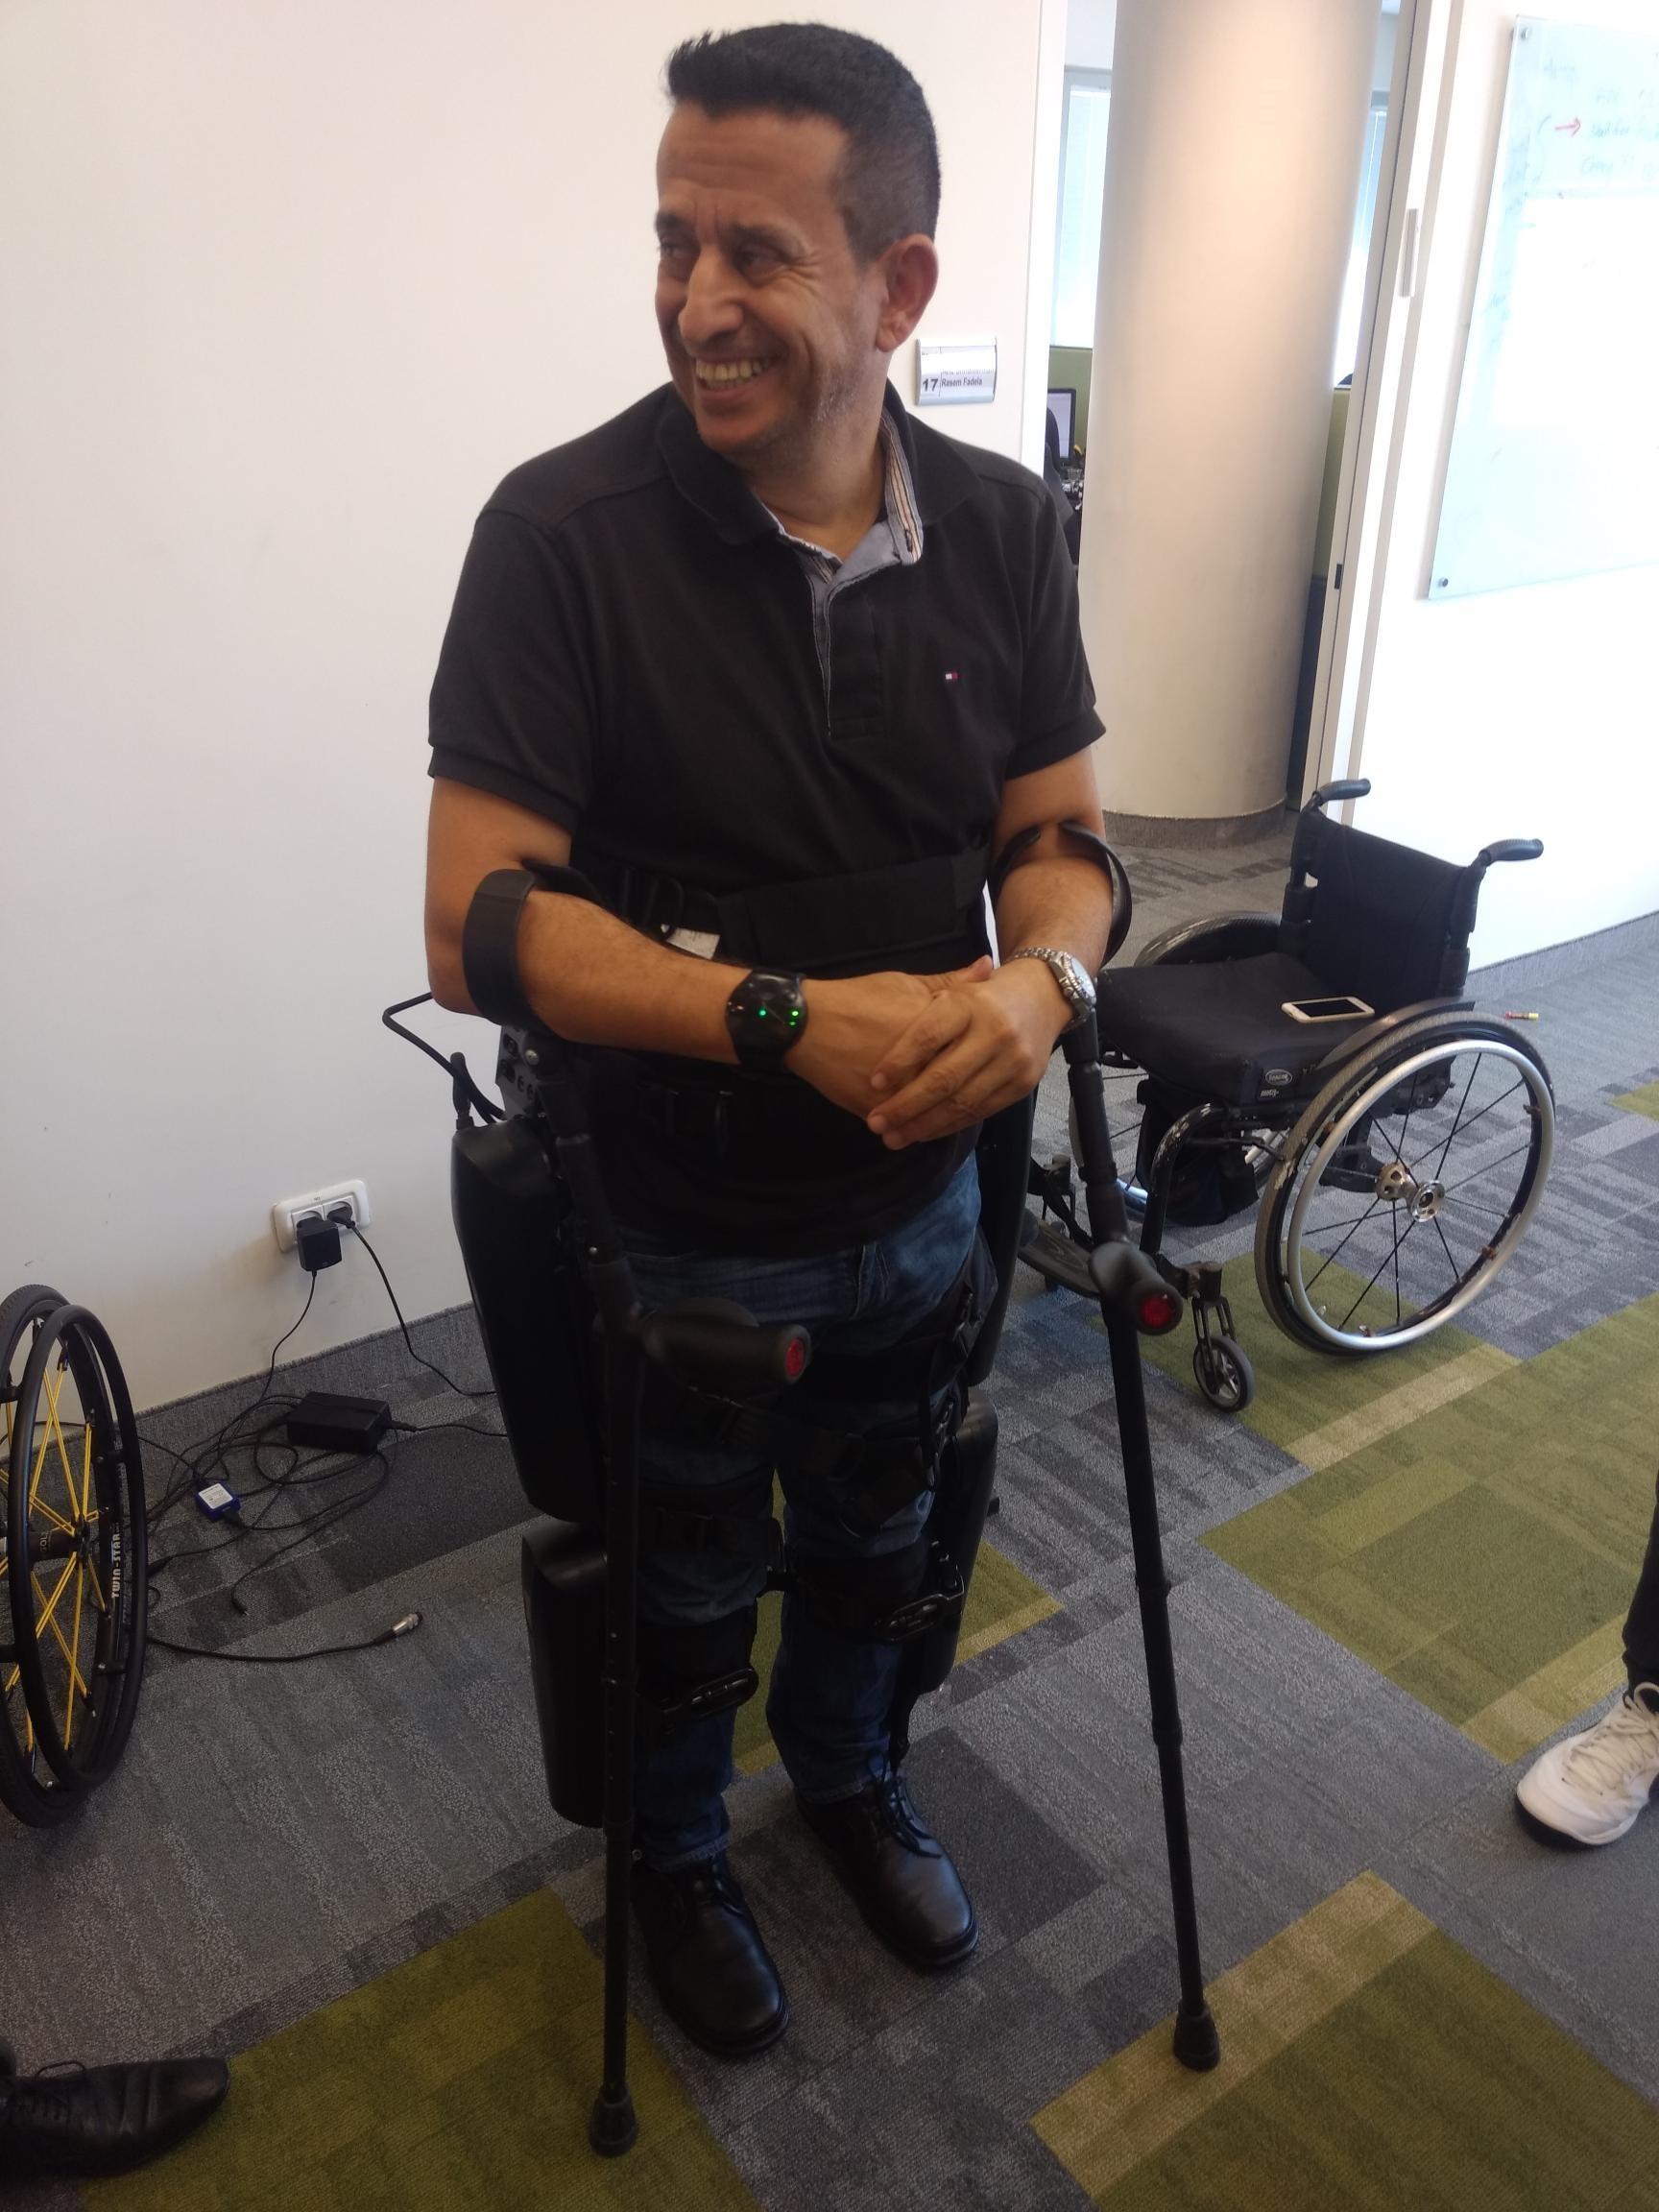 Radi Kauf com exoesqueleto já ligado (Foto: Época NEGÓCIOS)